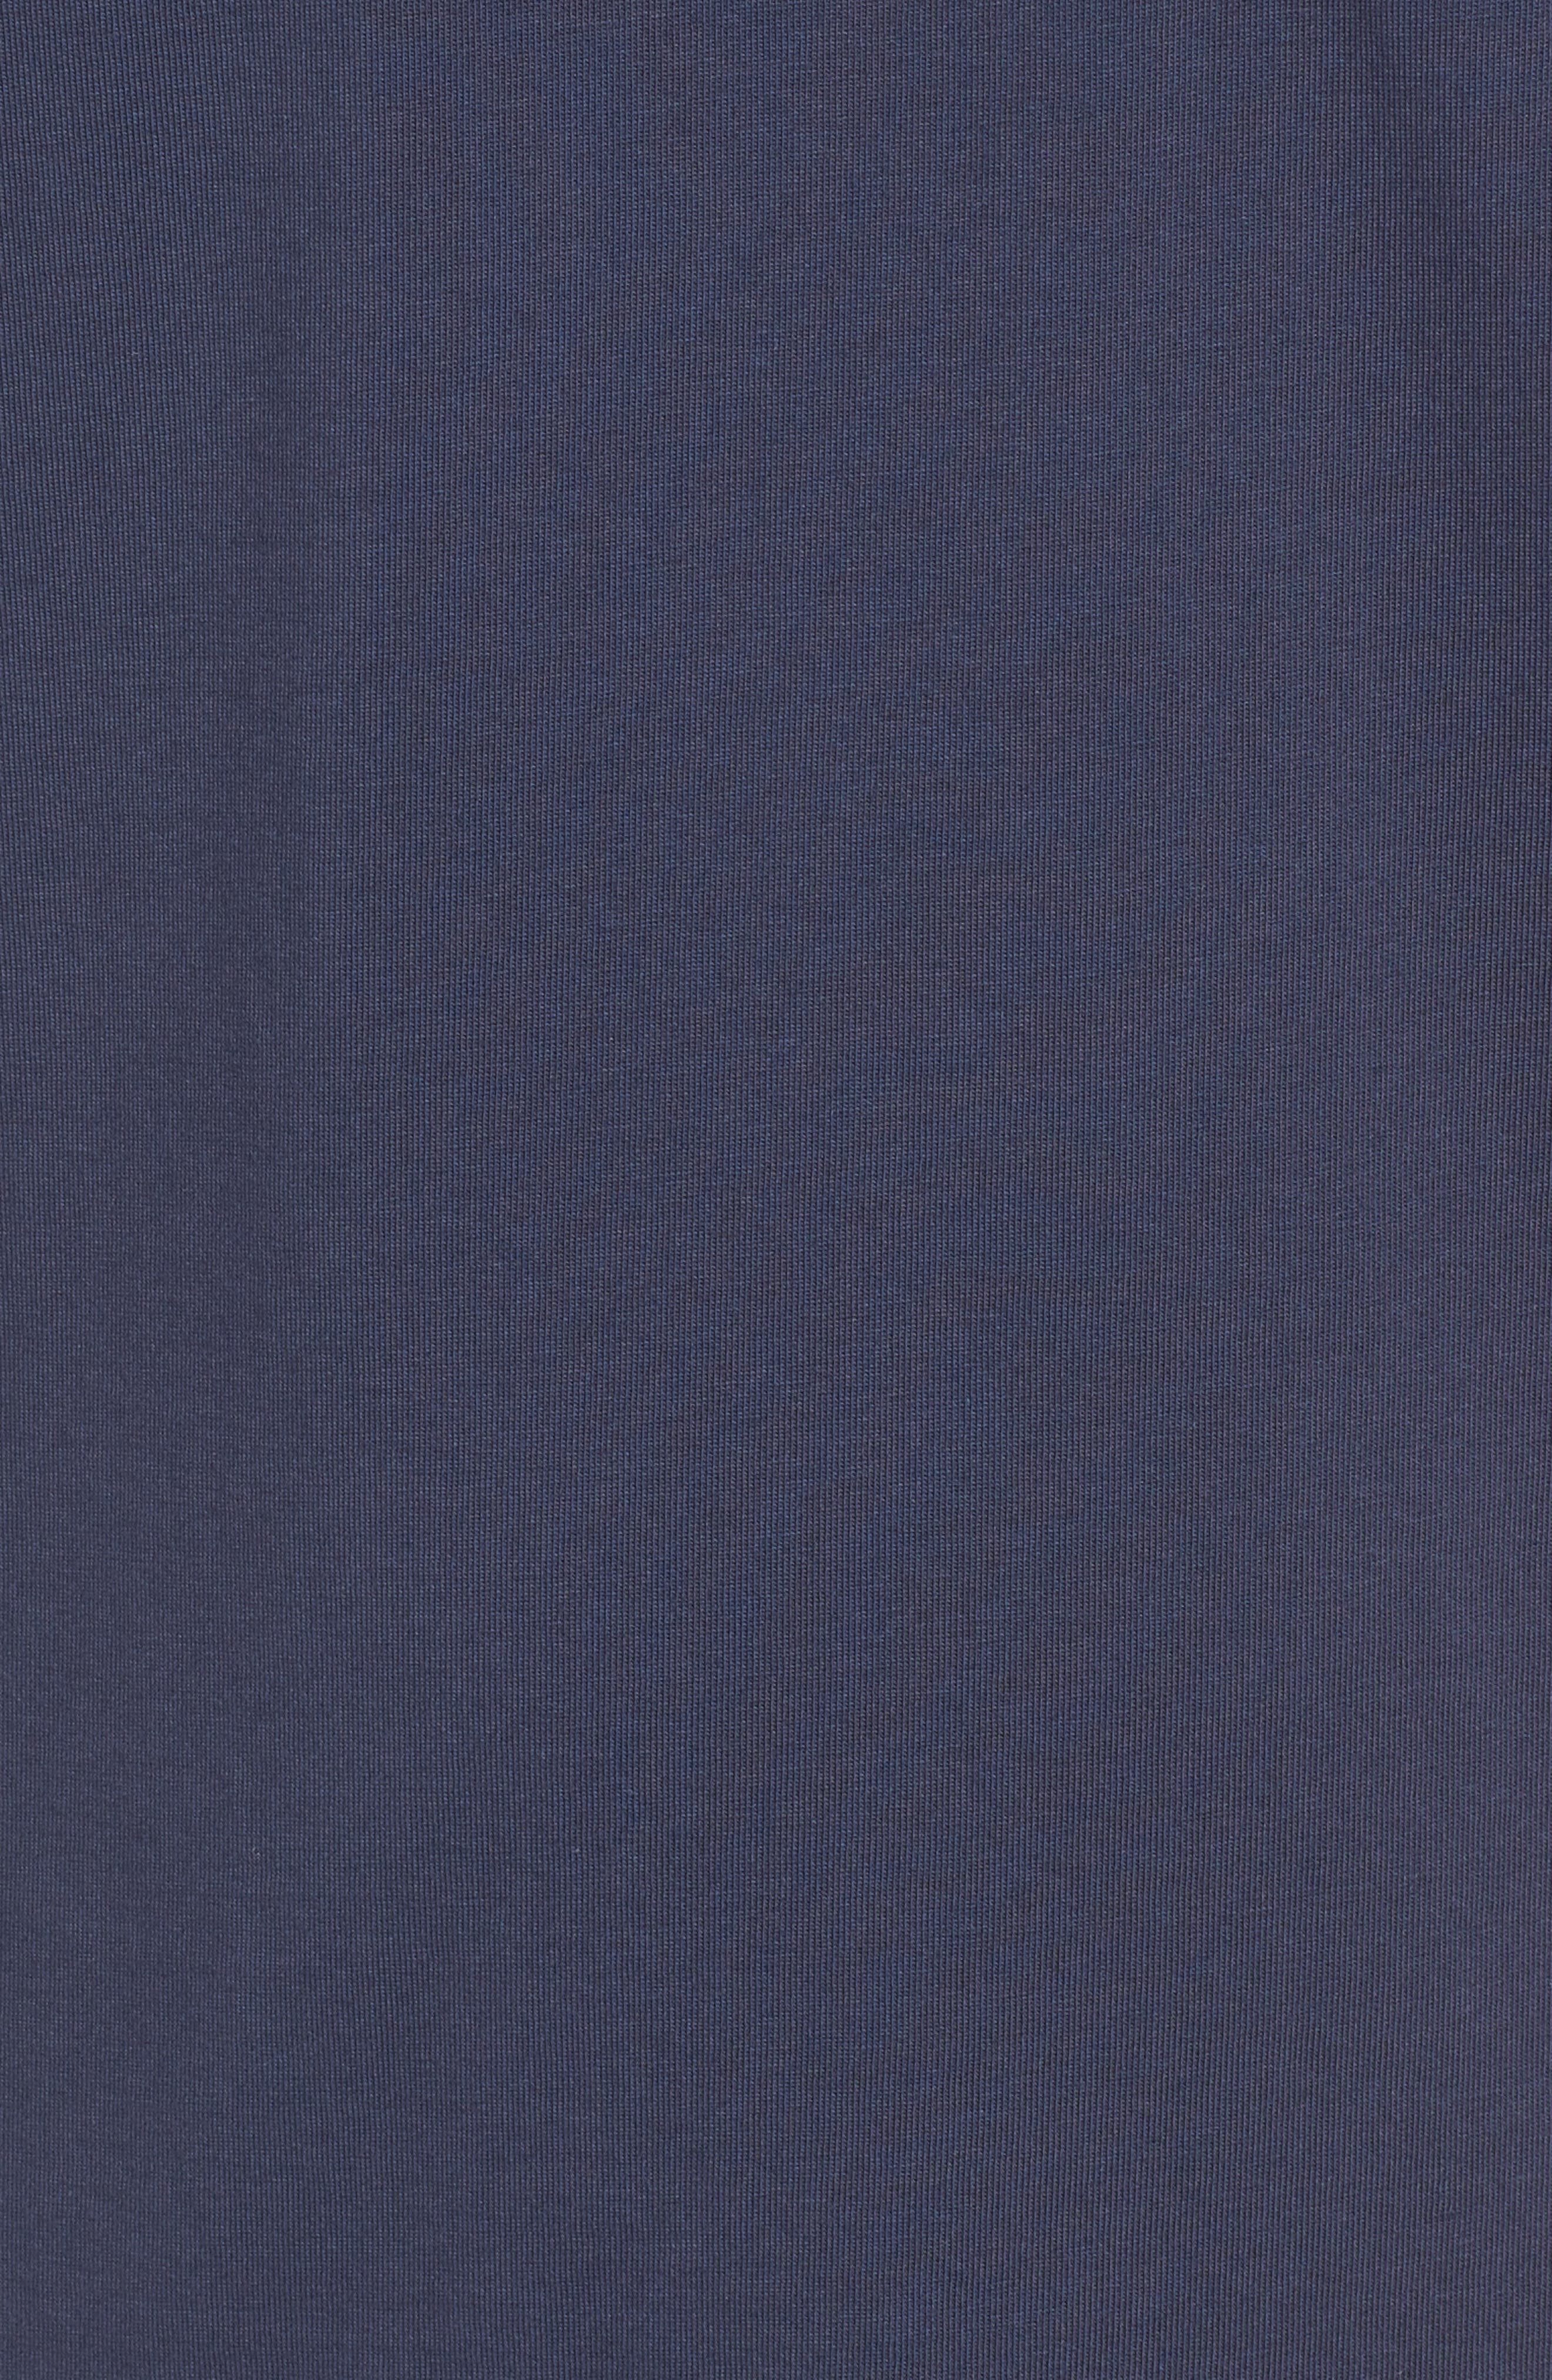 Alternate Image 5  - vineyard vines Vintage Whale Pocket T-Shirt